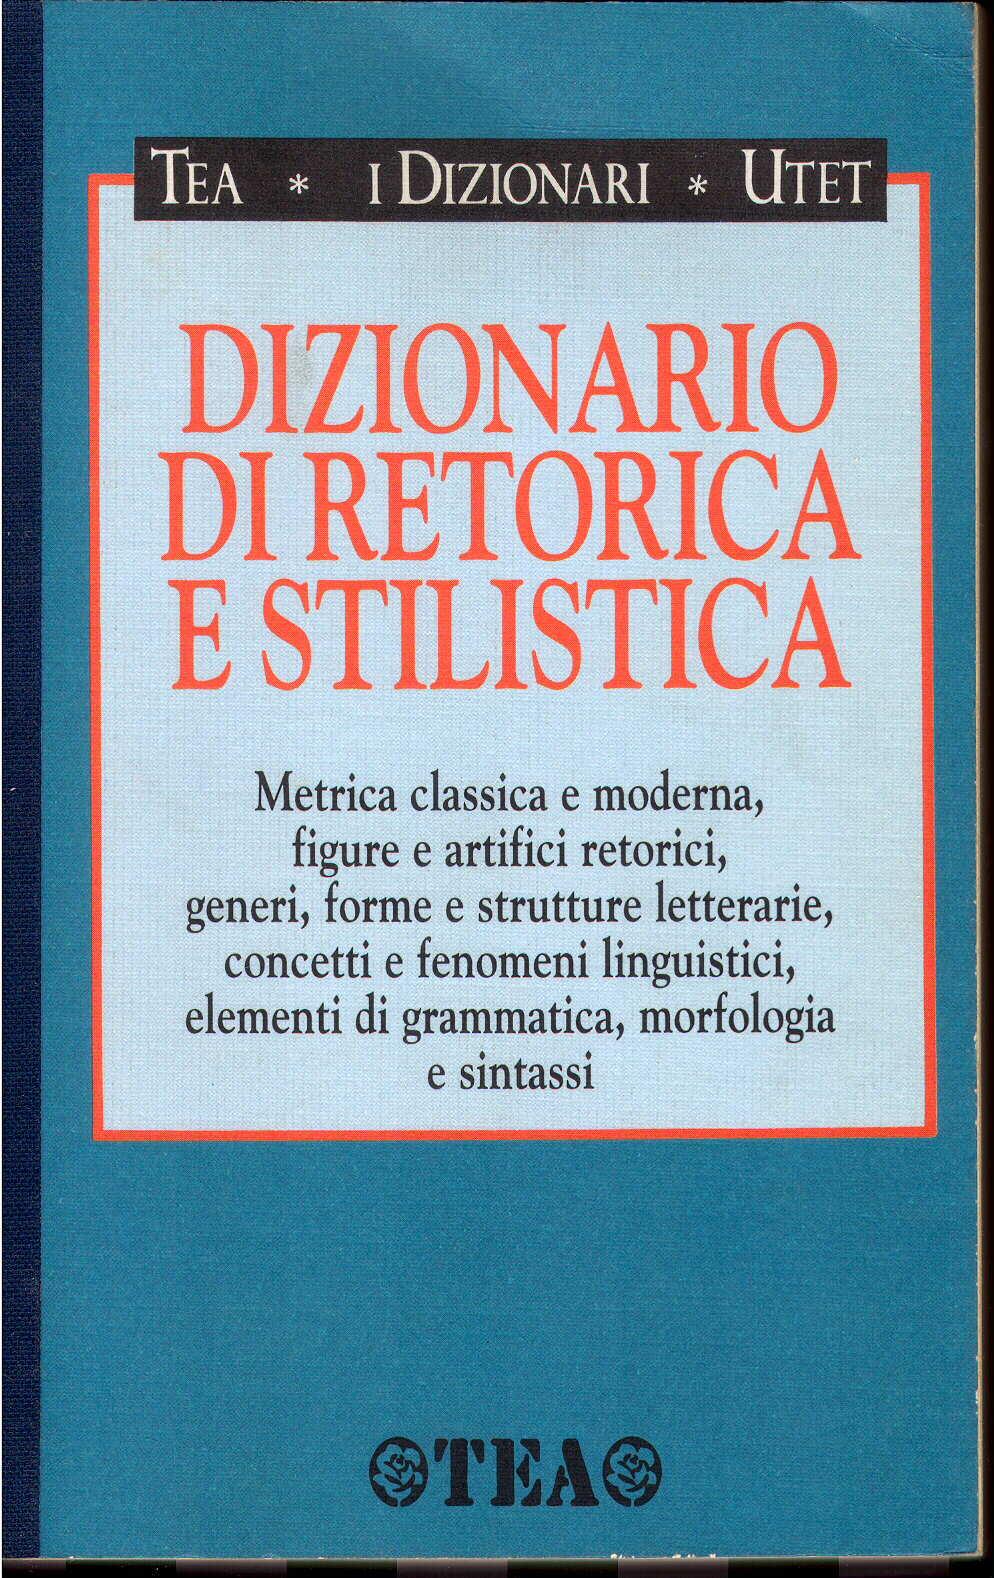 Dizionario di retorica e stilistica